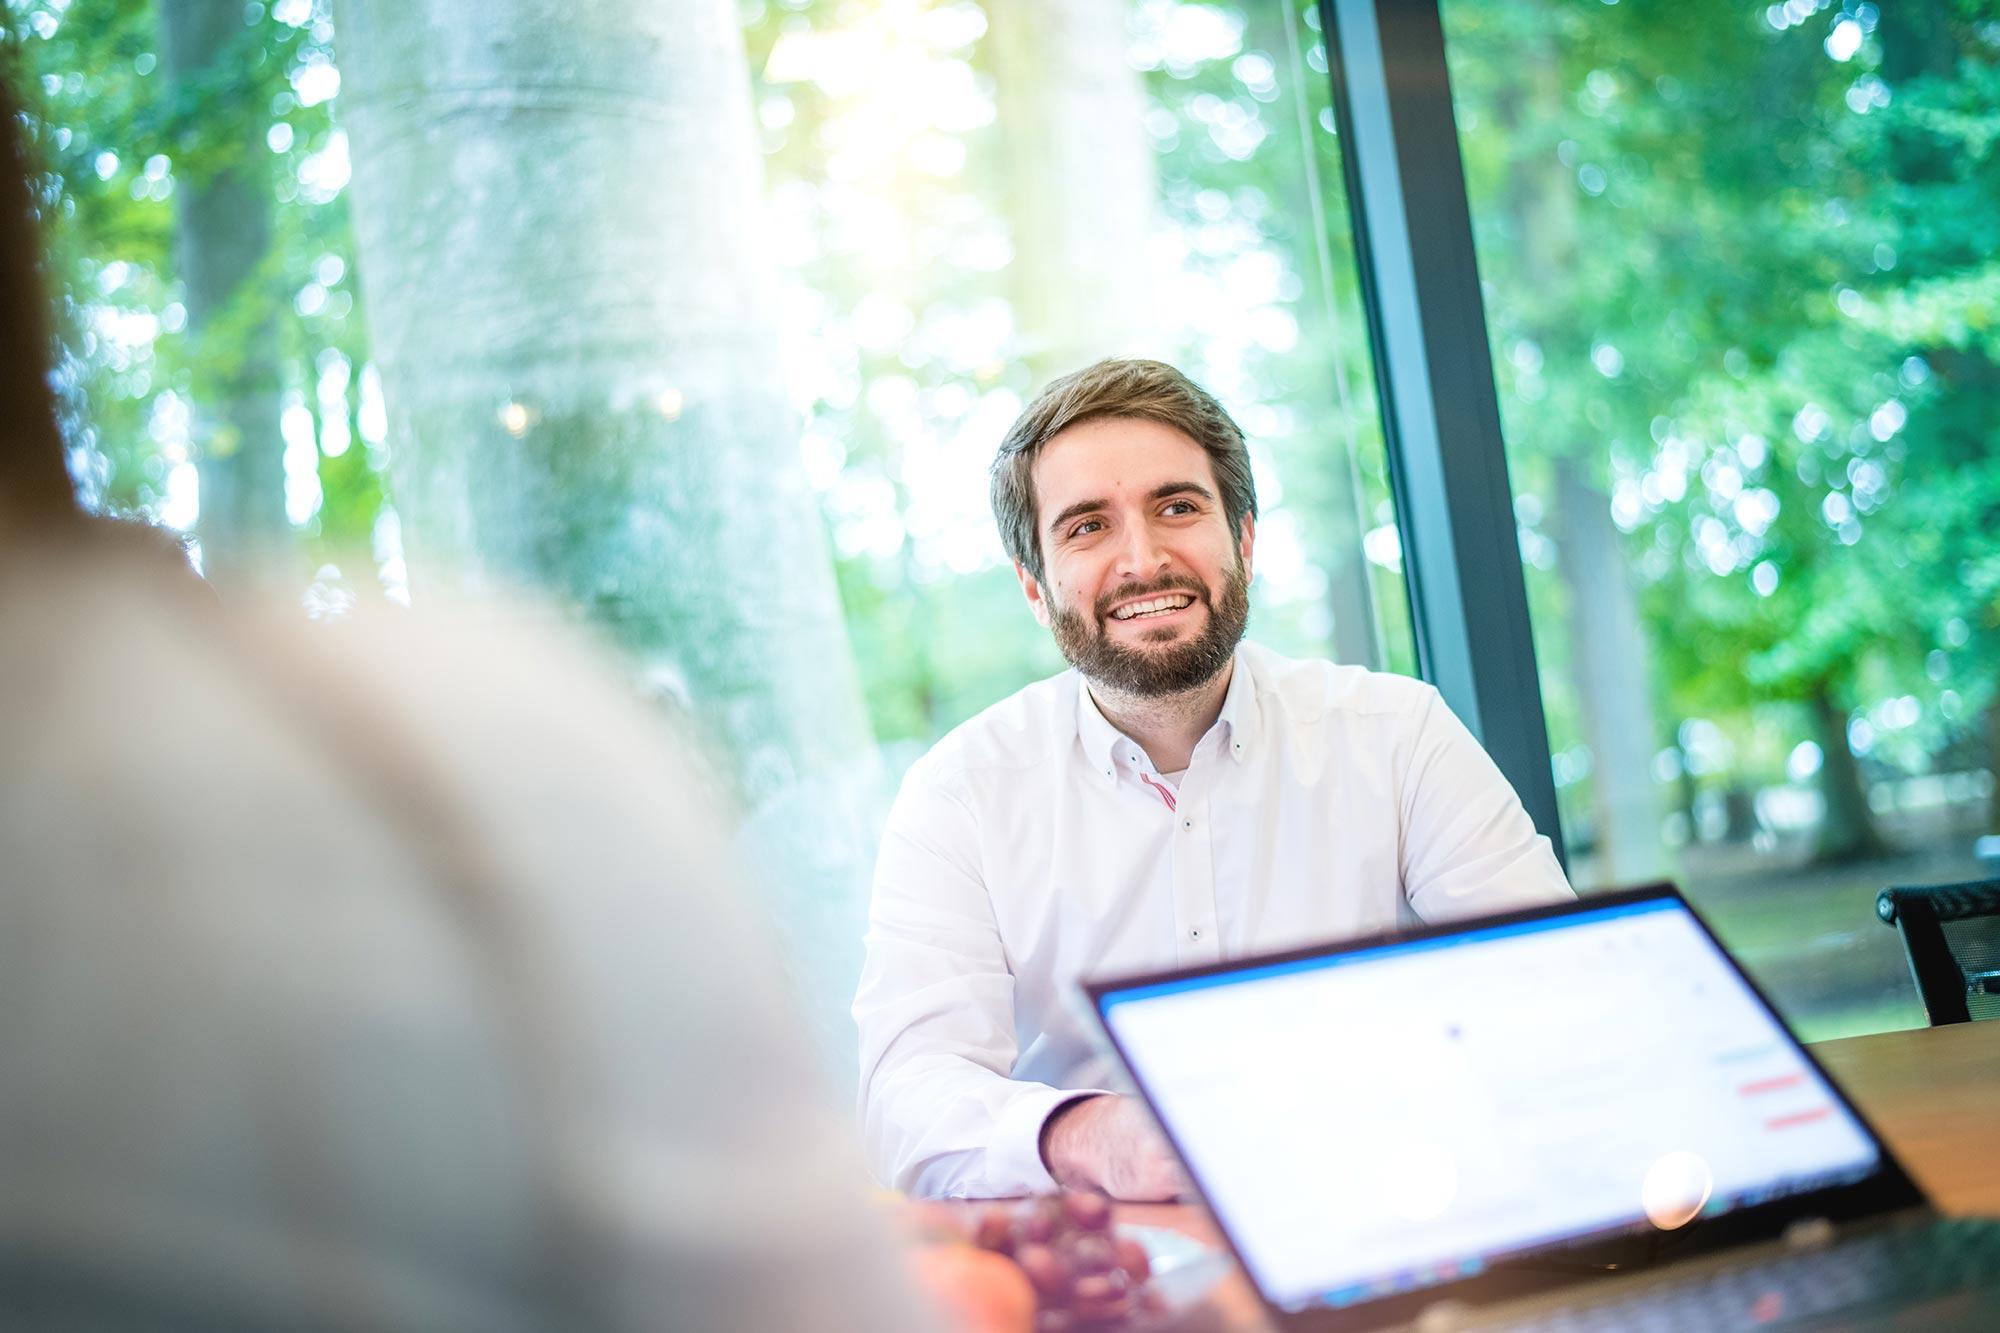 Santiago Advisors Beratungsagentur Imagemotive Businessfotografie Mitarbeiter motiviert lachend im Meetingraum